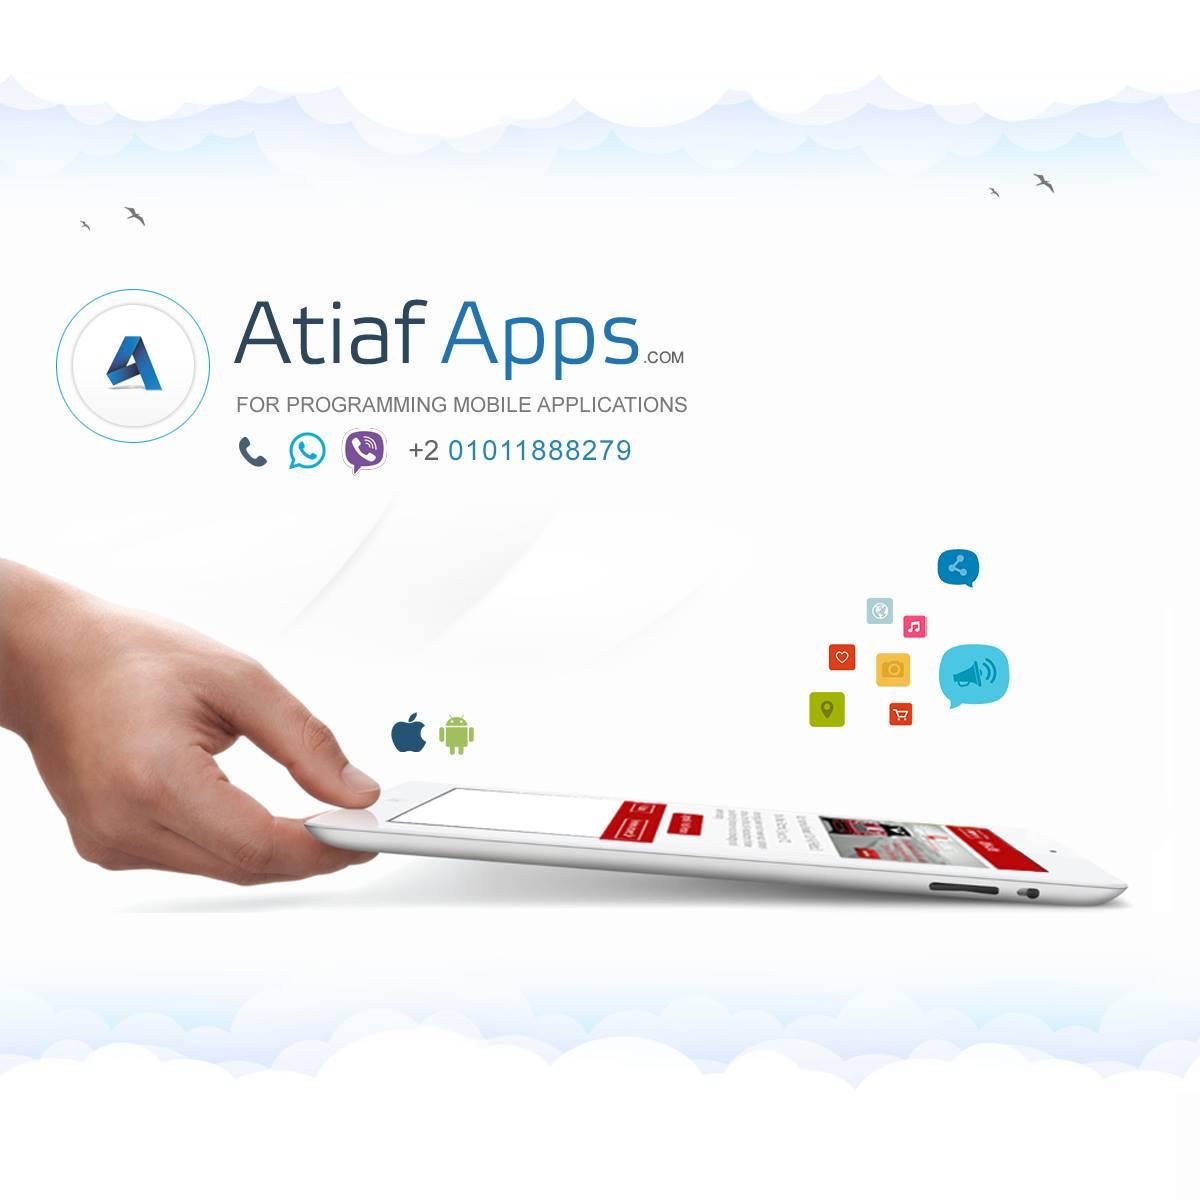 تصميم تطبيقات الهواتف الذكية أطياف